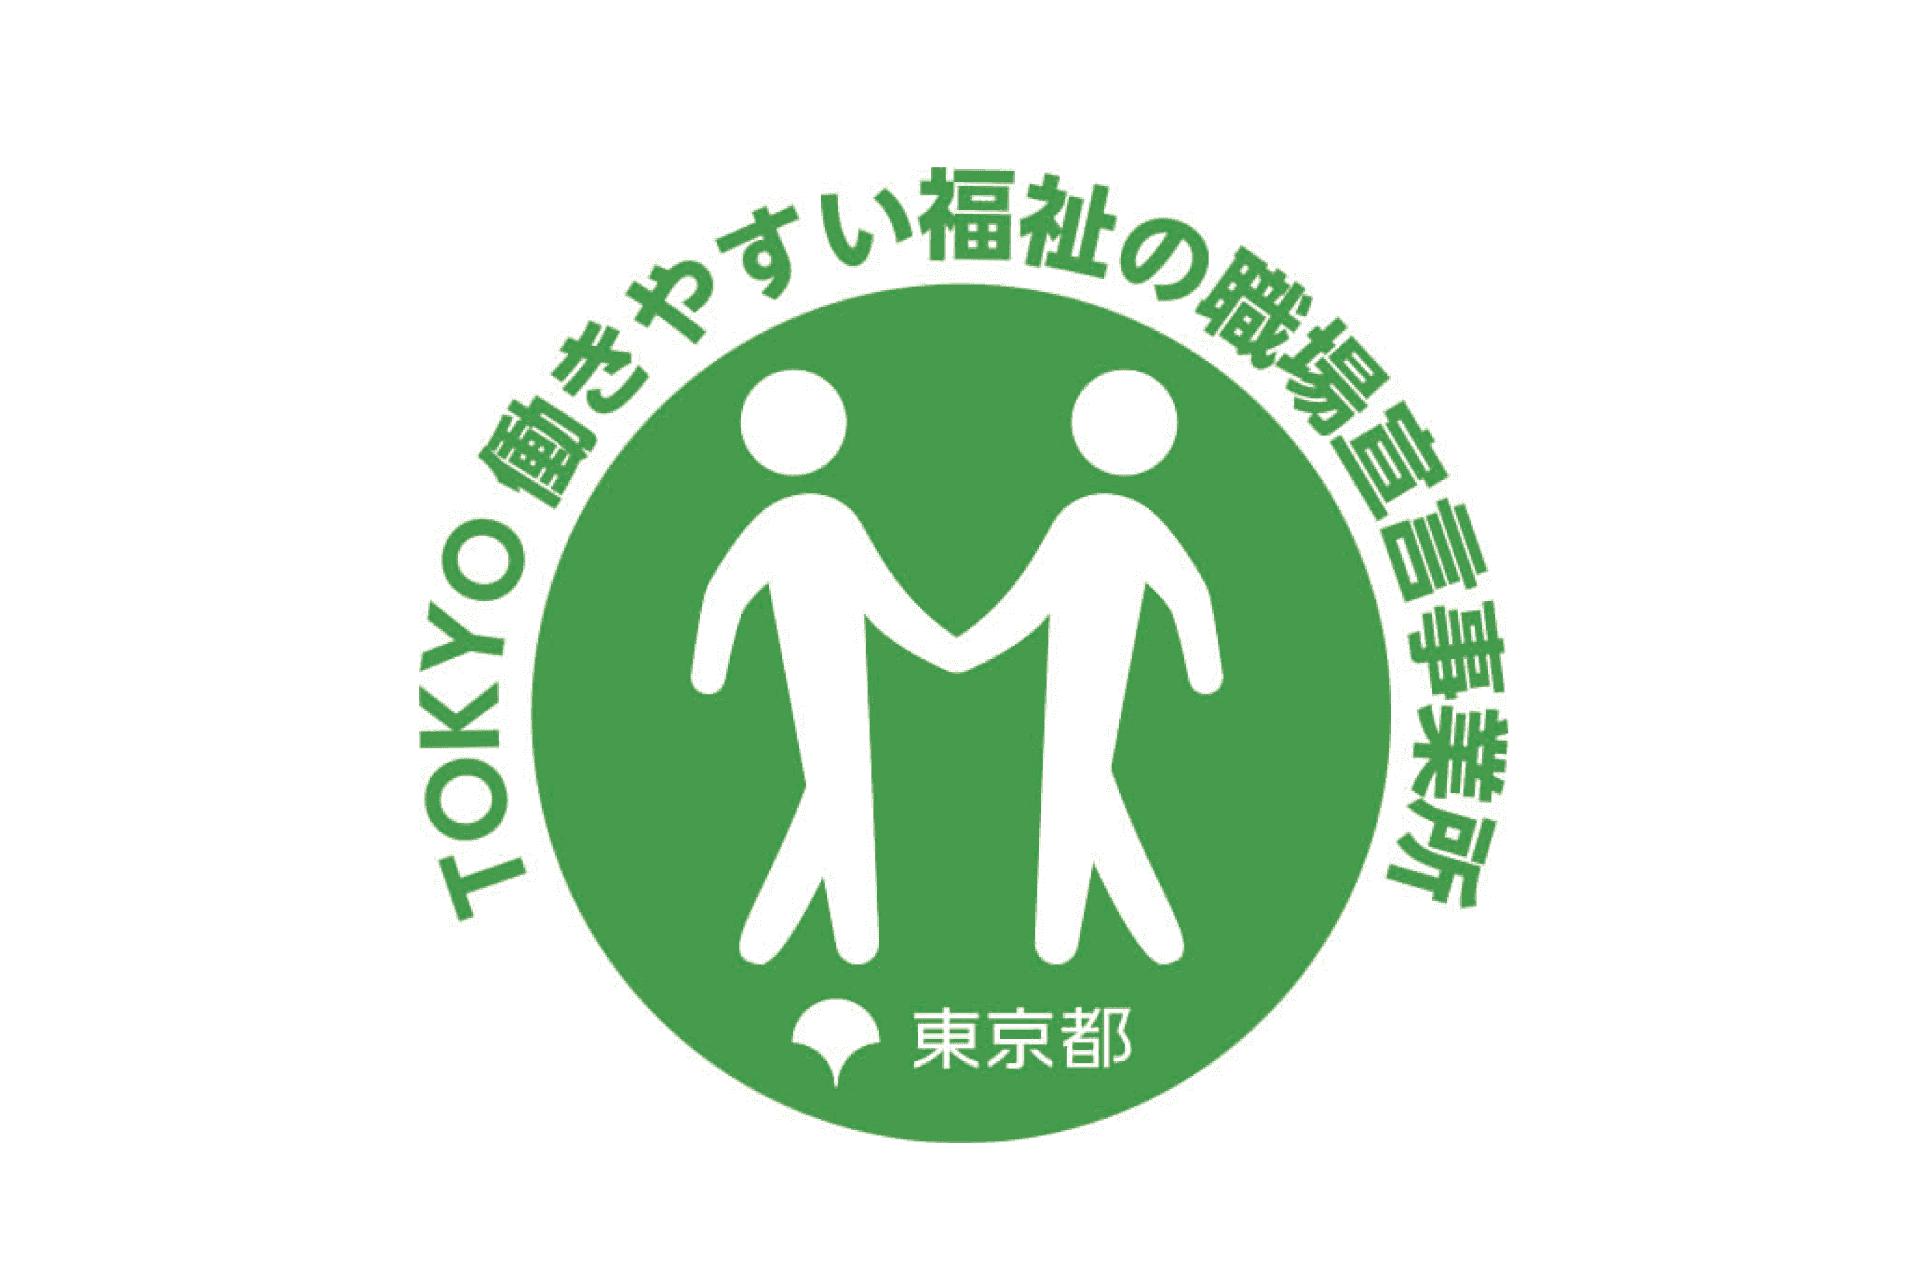 東京都からTOKYO働きやすい福祉の職場宣言事業所に認定されました!